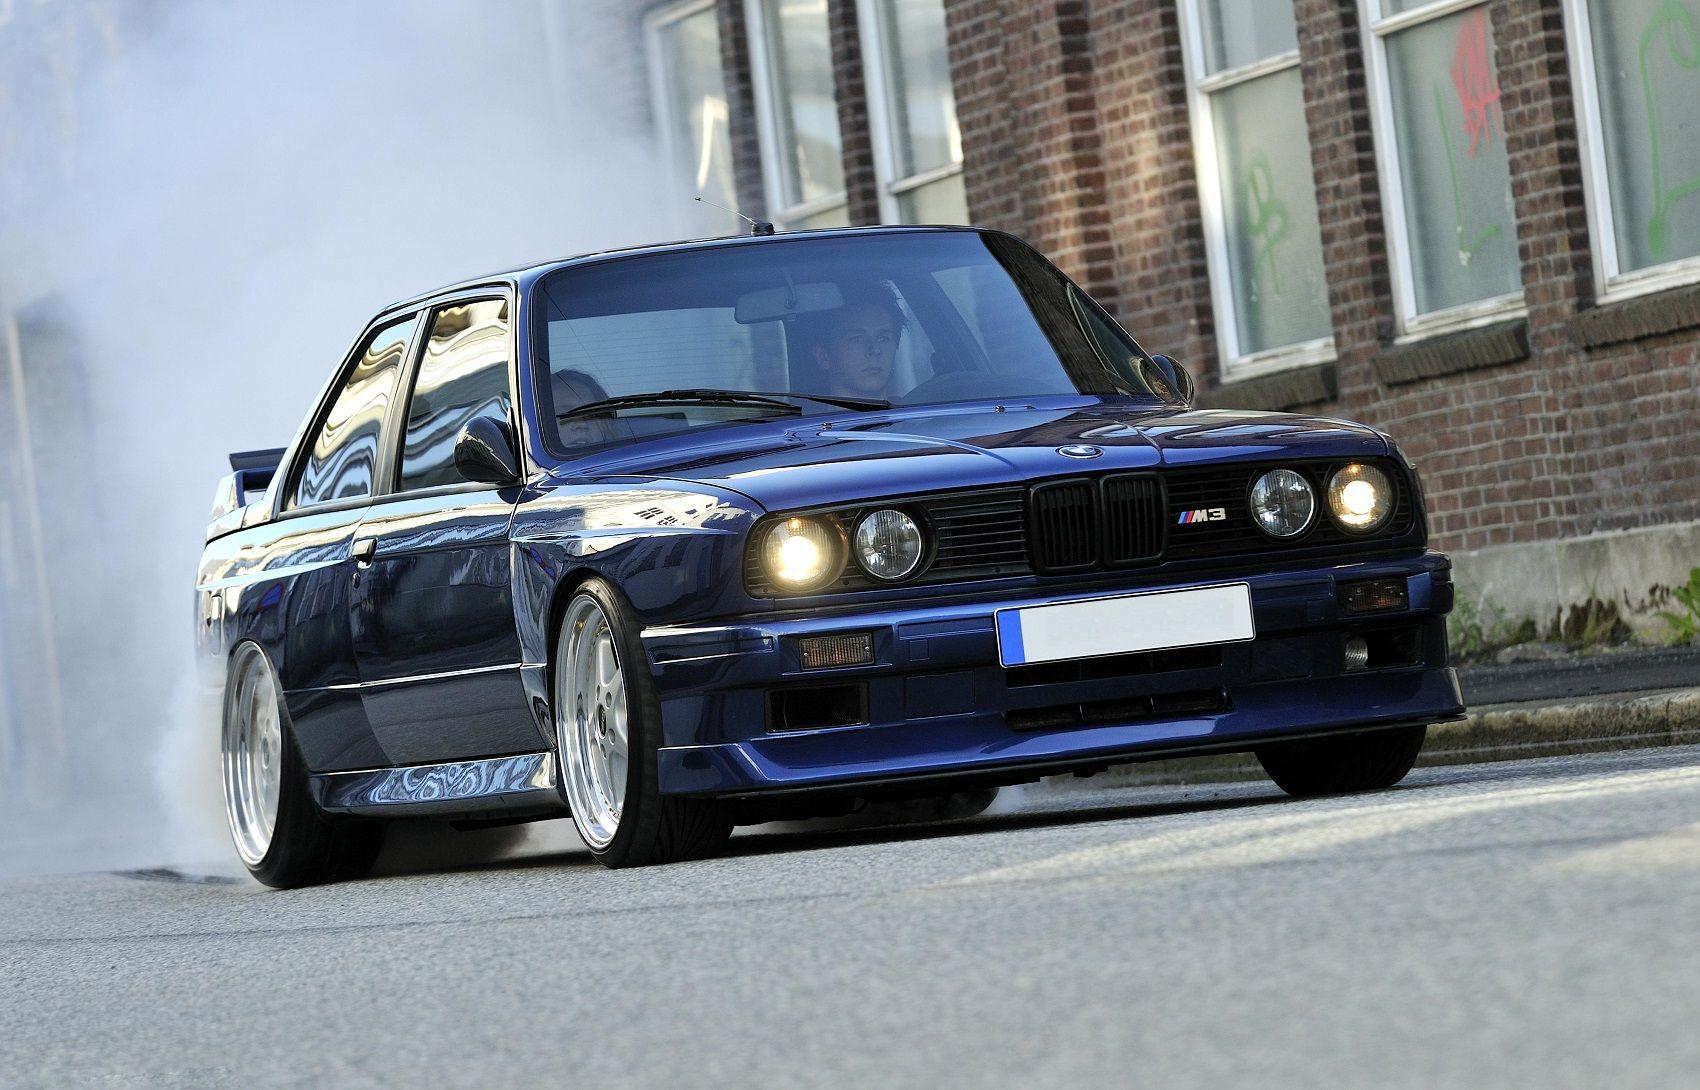 The Iconic Bmw M3 E30 Bmw E30 Bmw E30 M3 E30